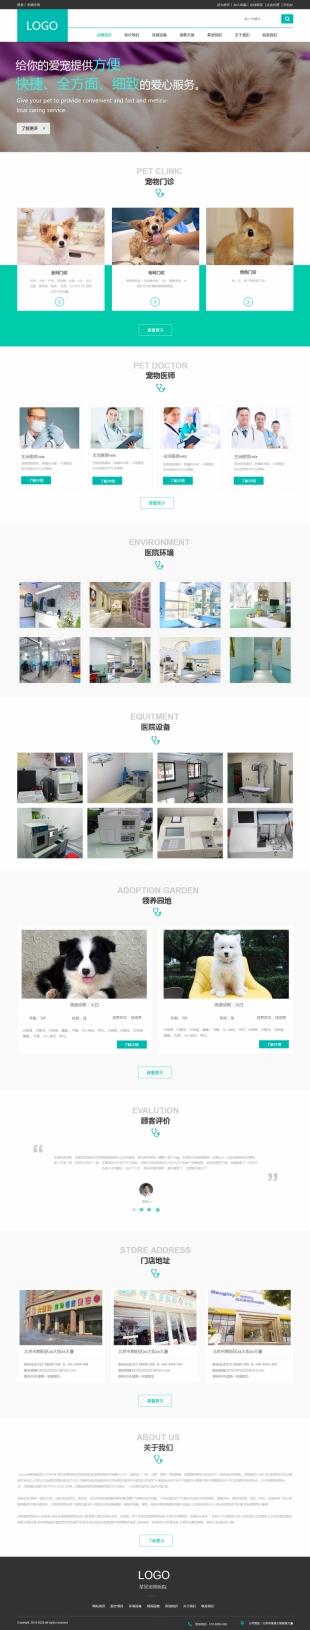 专业宠物医院网站制作模板电脑图片